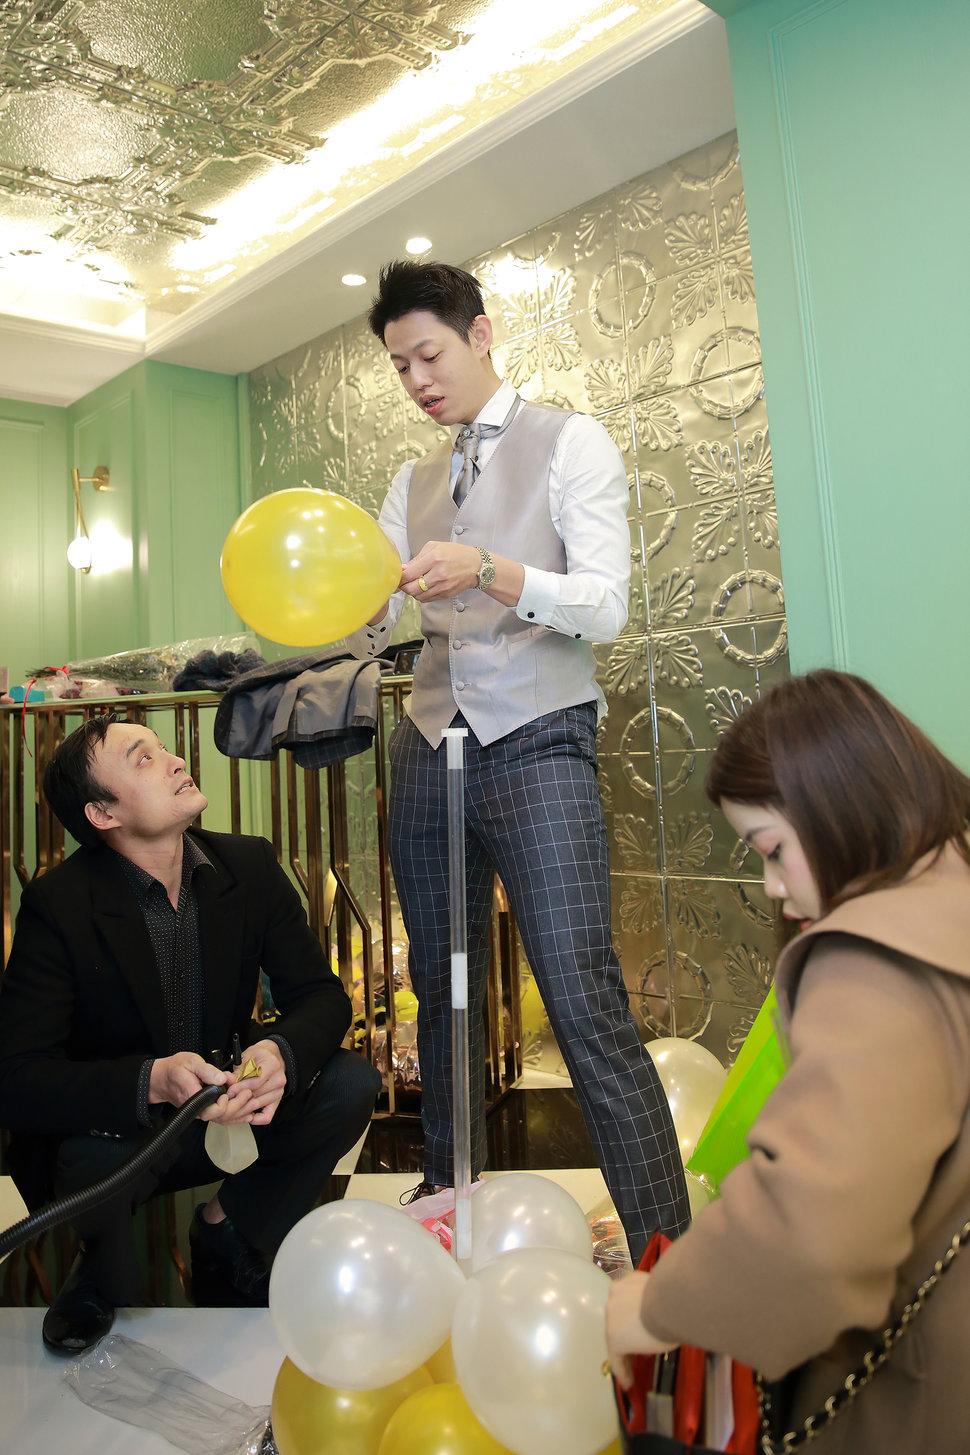 IMG_0123 - 柚柚婚禮攝影/婚禮紀錄/平面女婚攝《結婚吧》